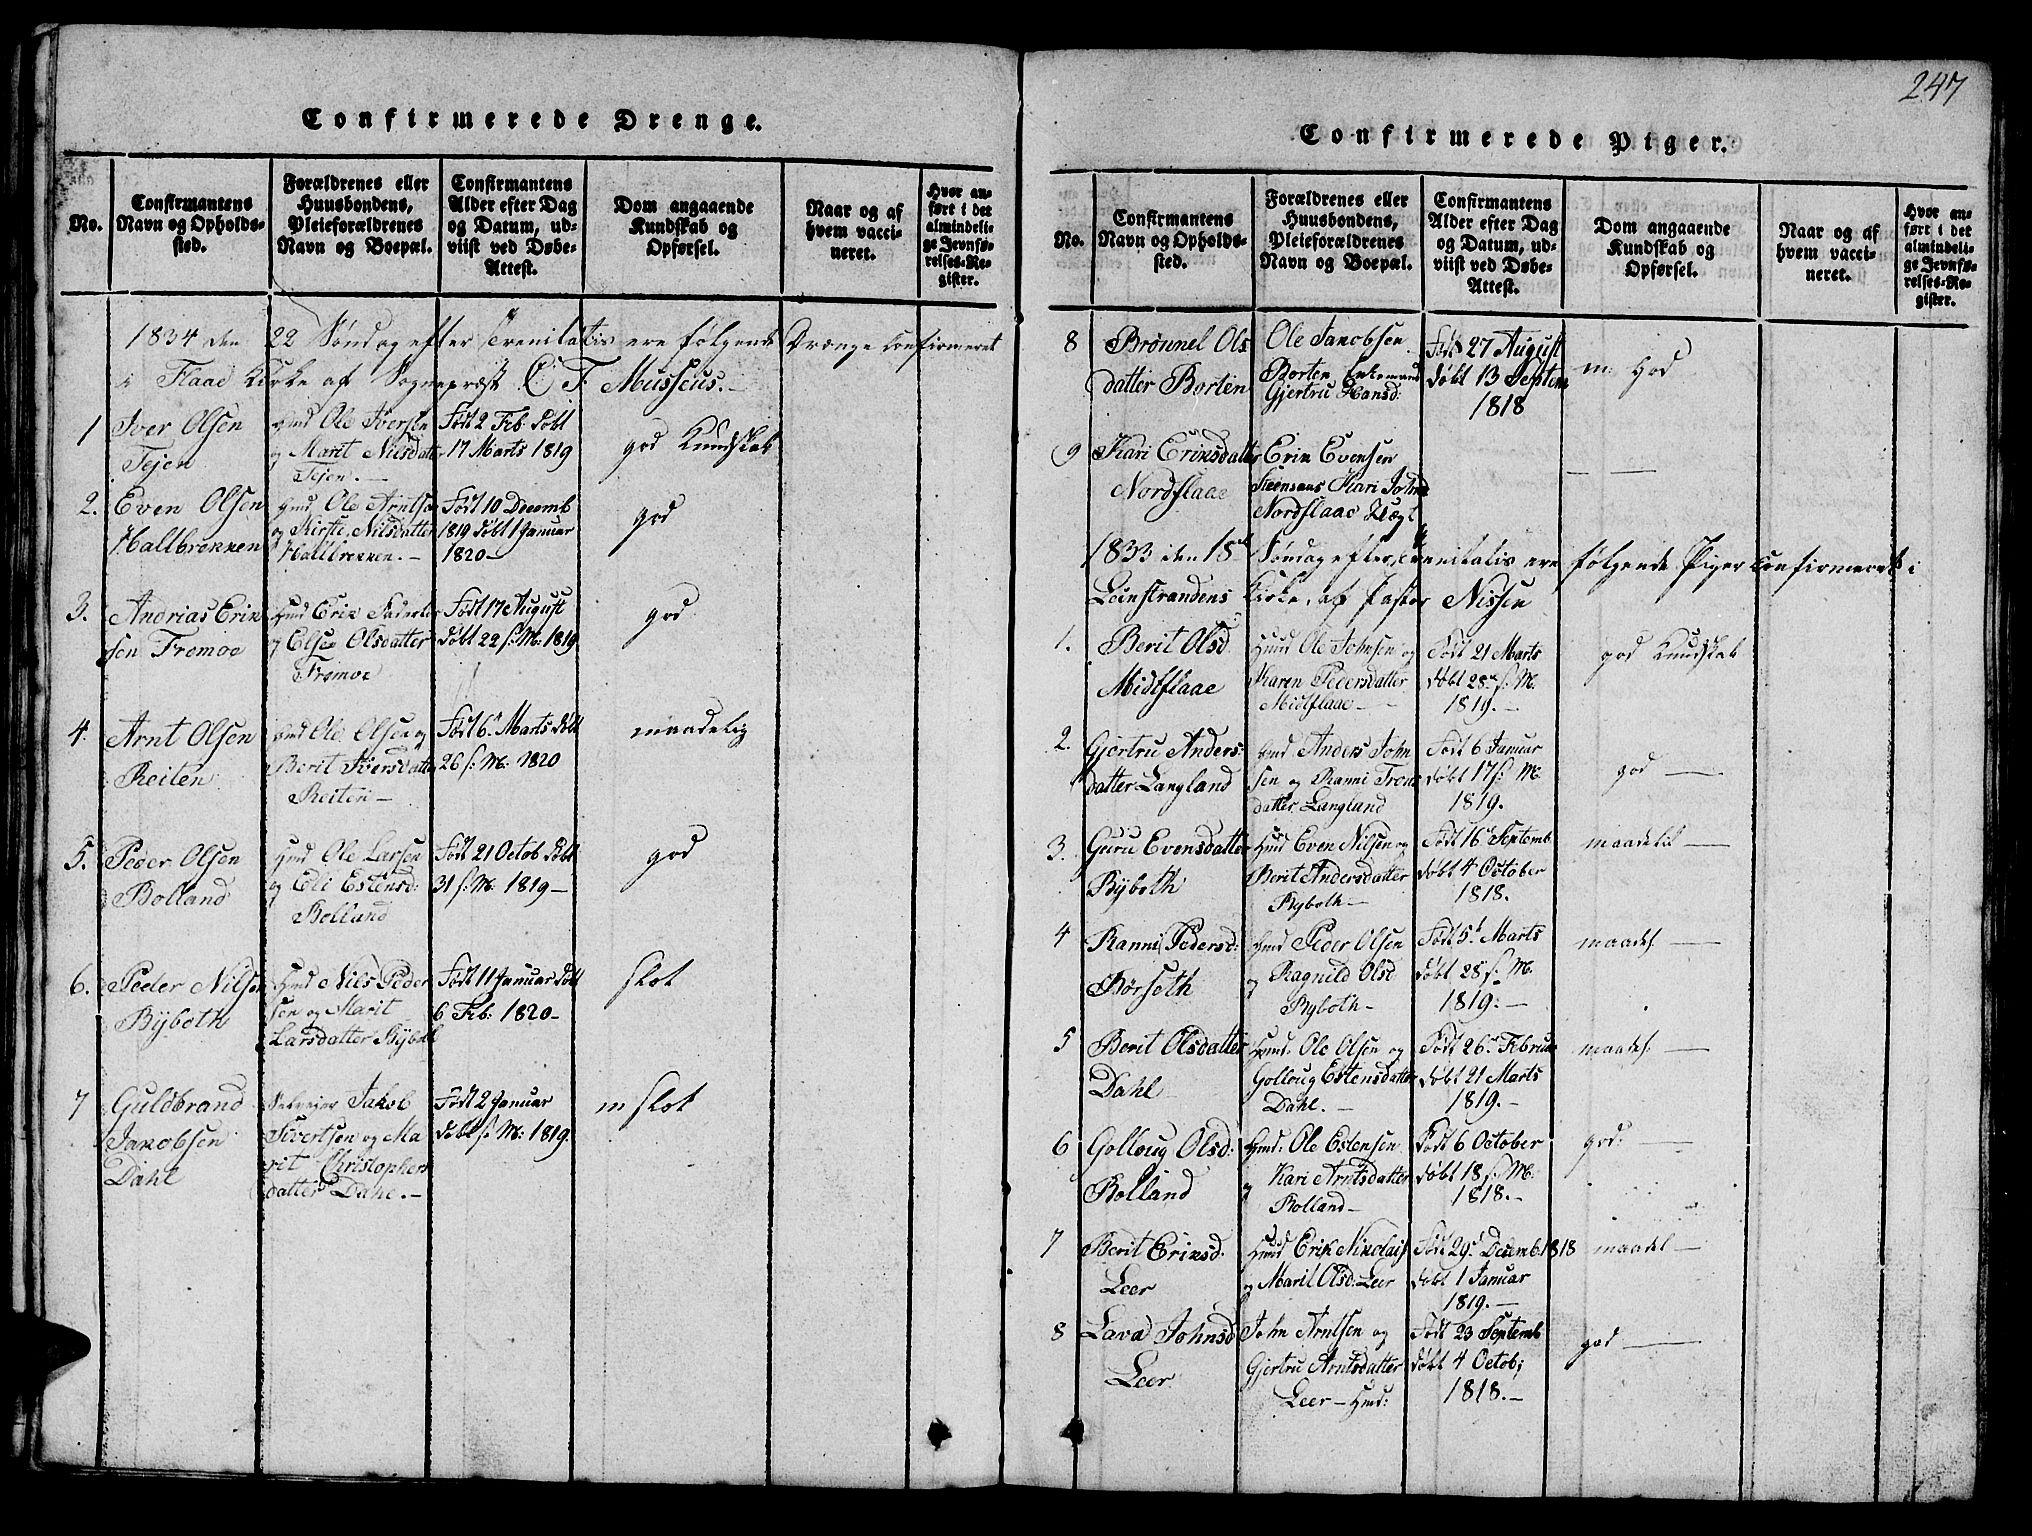 SAT, Ministerialprotokoller, klokkerbøker og fødselsregistre - Sør-Trøndelag, 693/L1121: Klokkerbok nr. 693C02, 1816-1869, s. 247